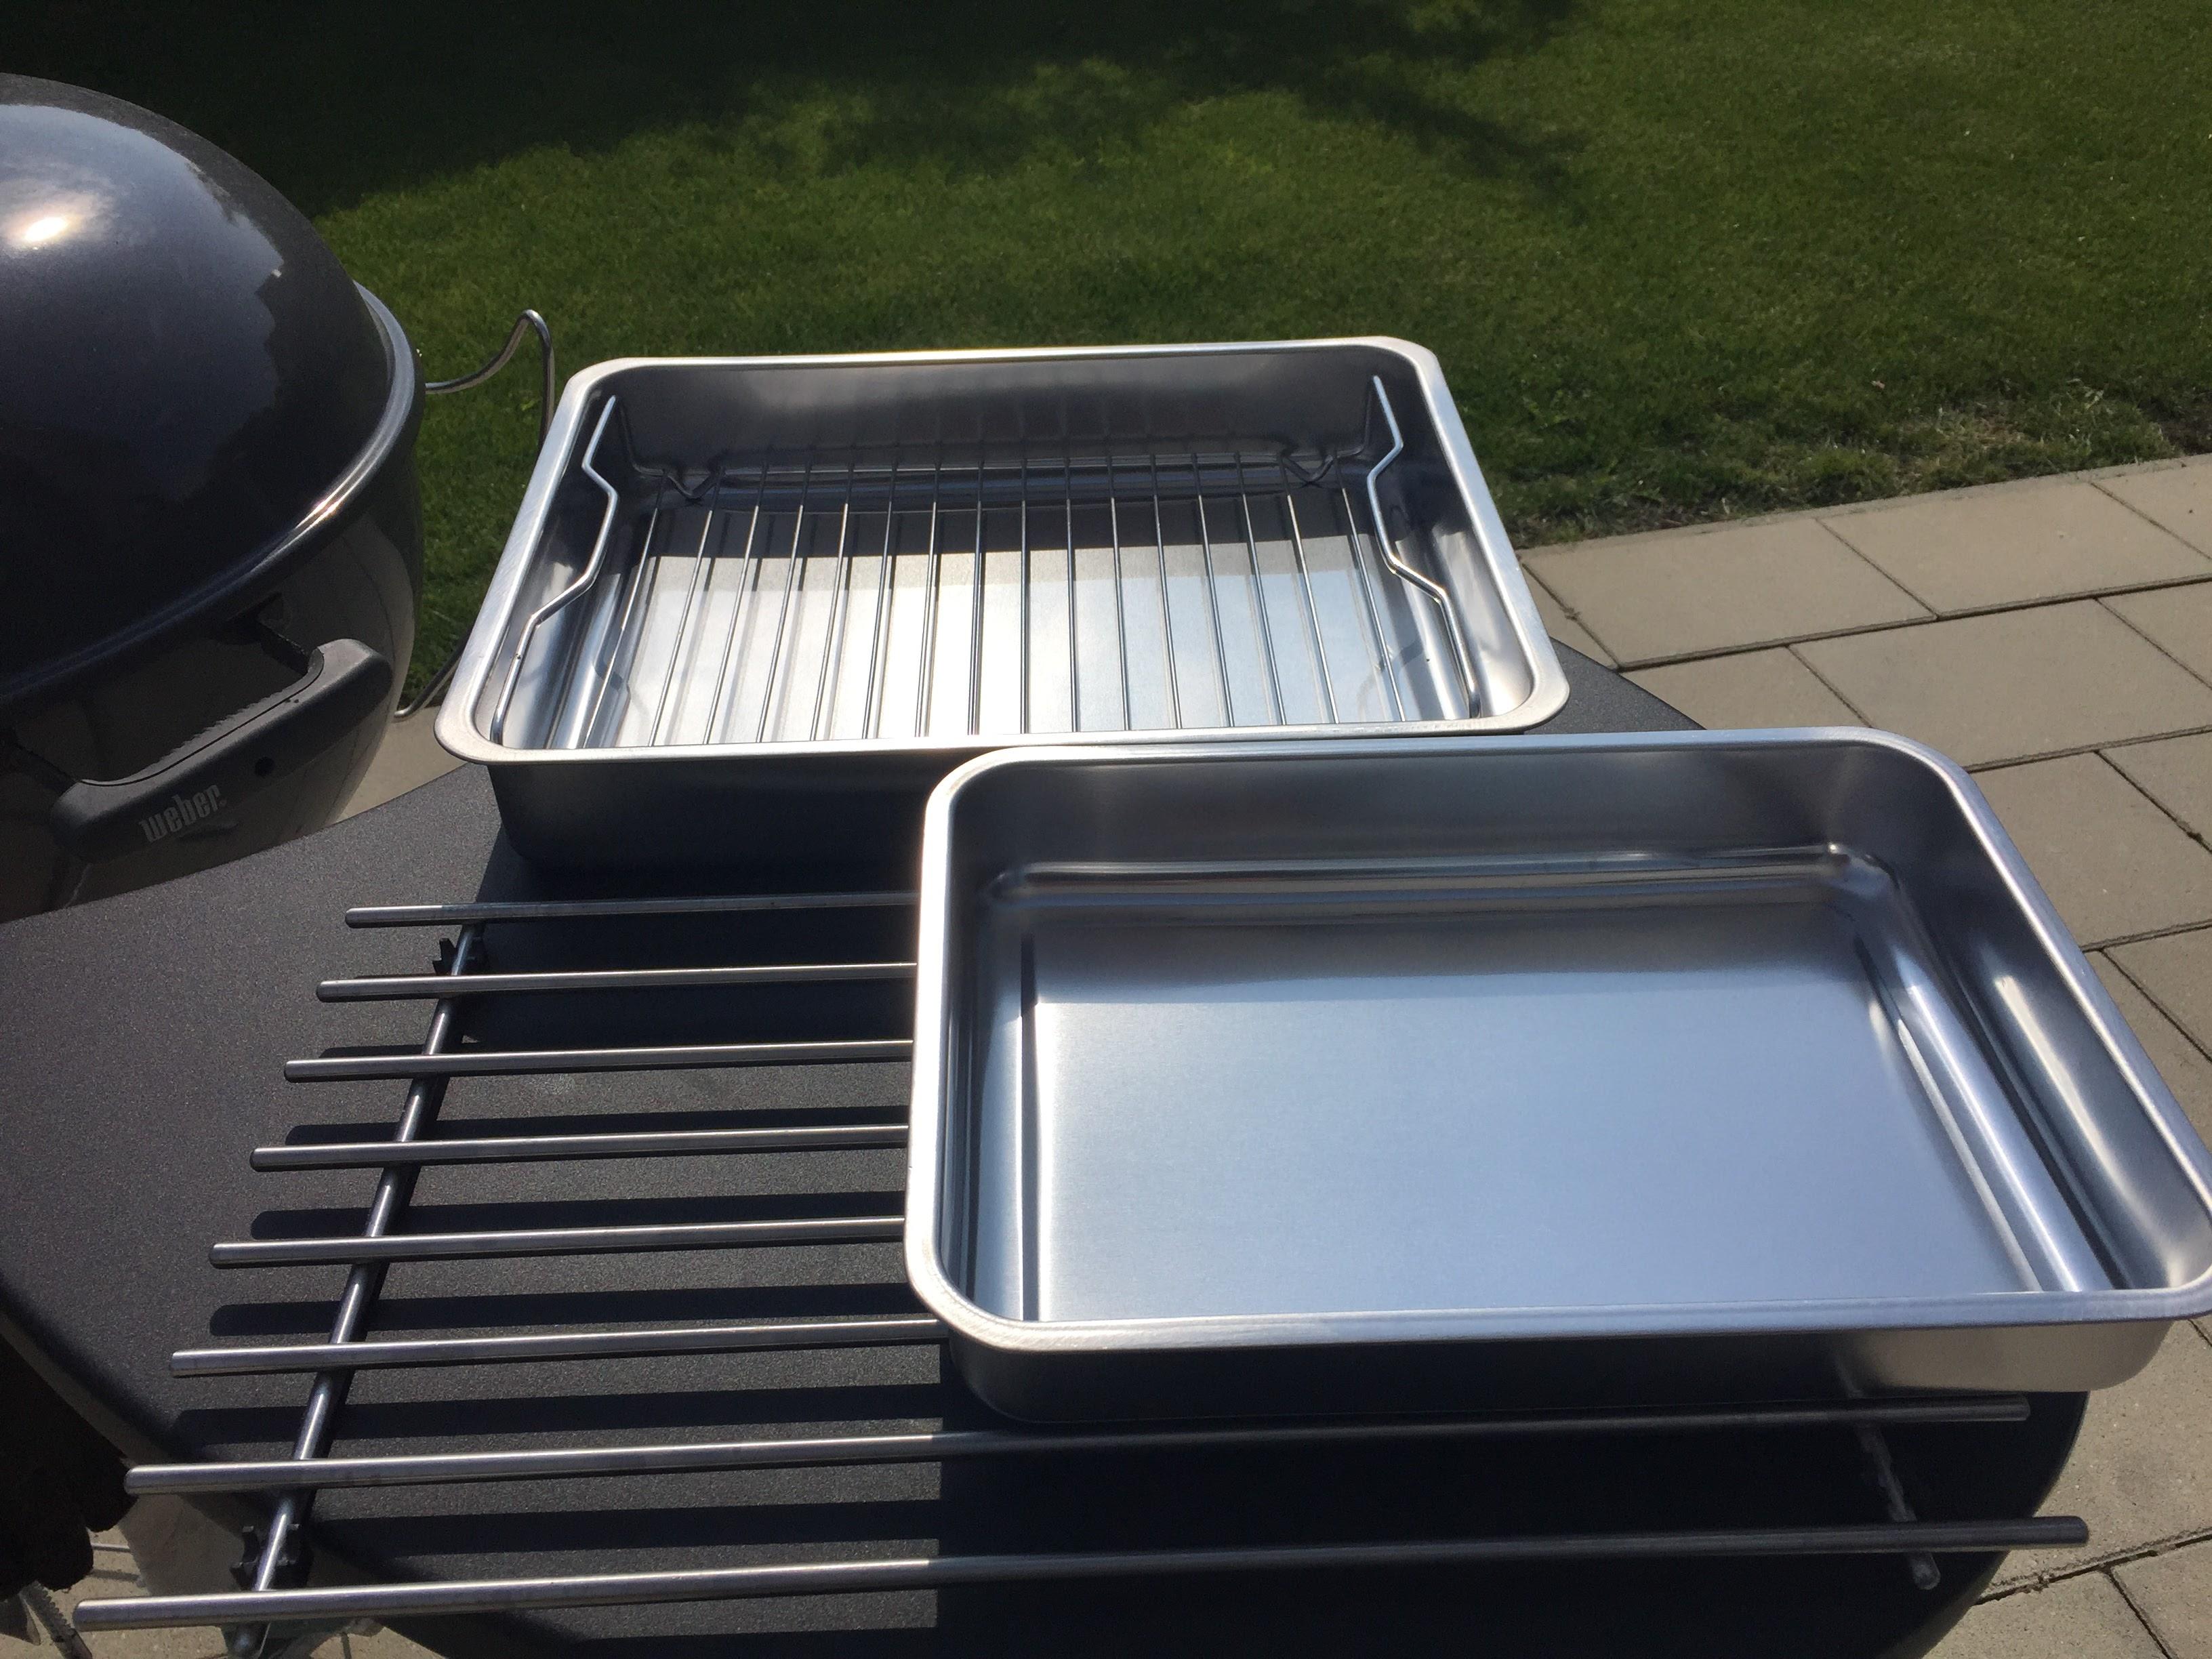 Outdoor Küche Ikea Forum : Grillzubehör von ikea bbqlicate bbq